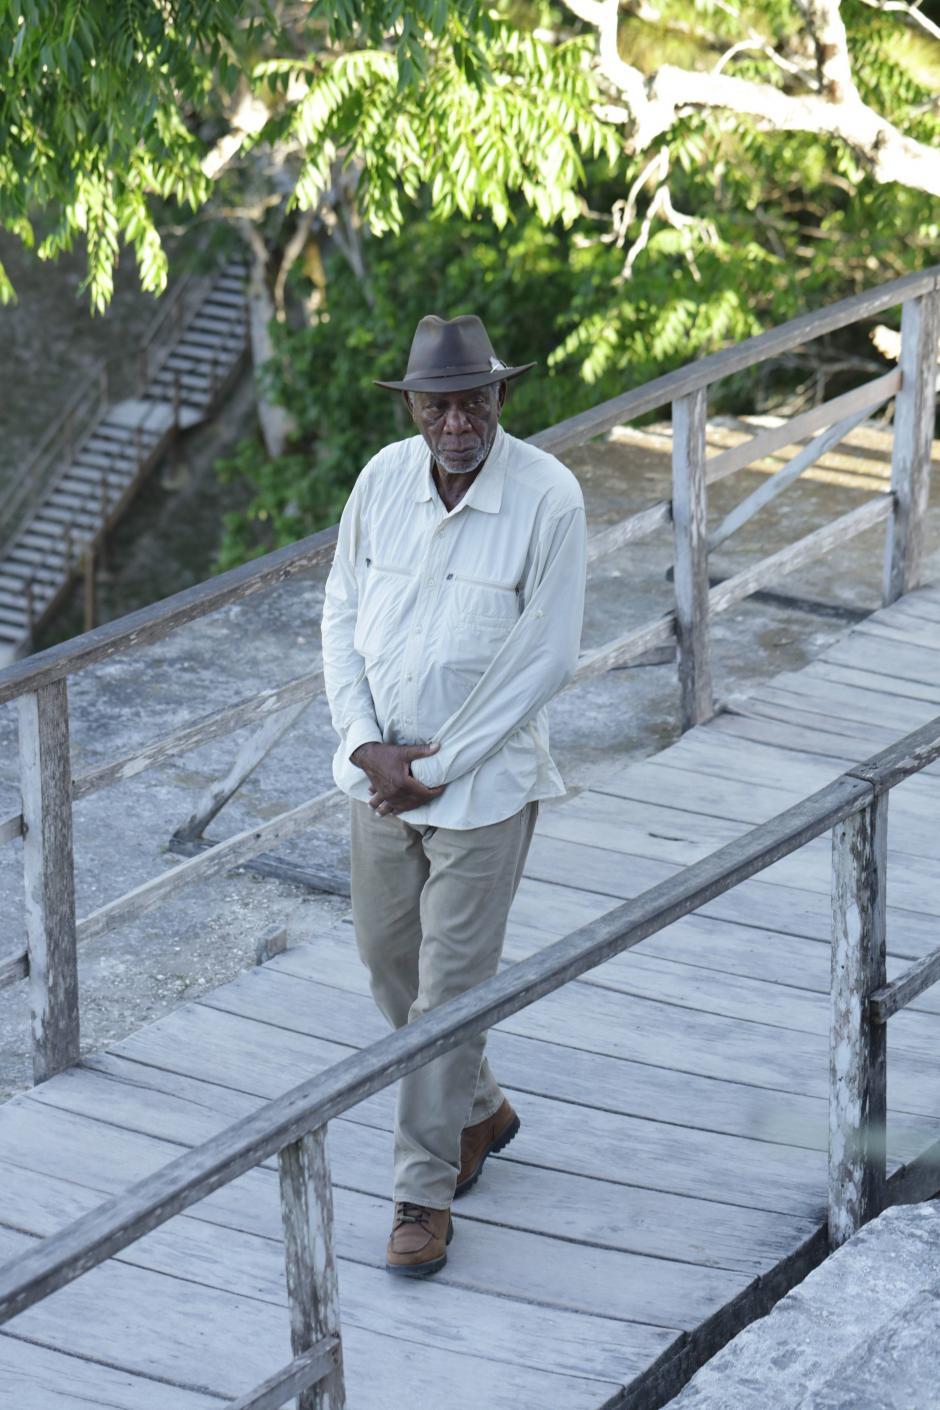 Freeman considera El Mirador como la primera de las ocho maravillas del mundo. (Foto: Cortesía Fox International)